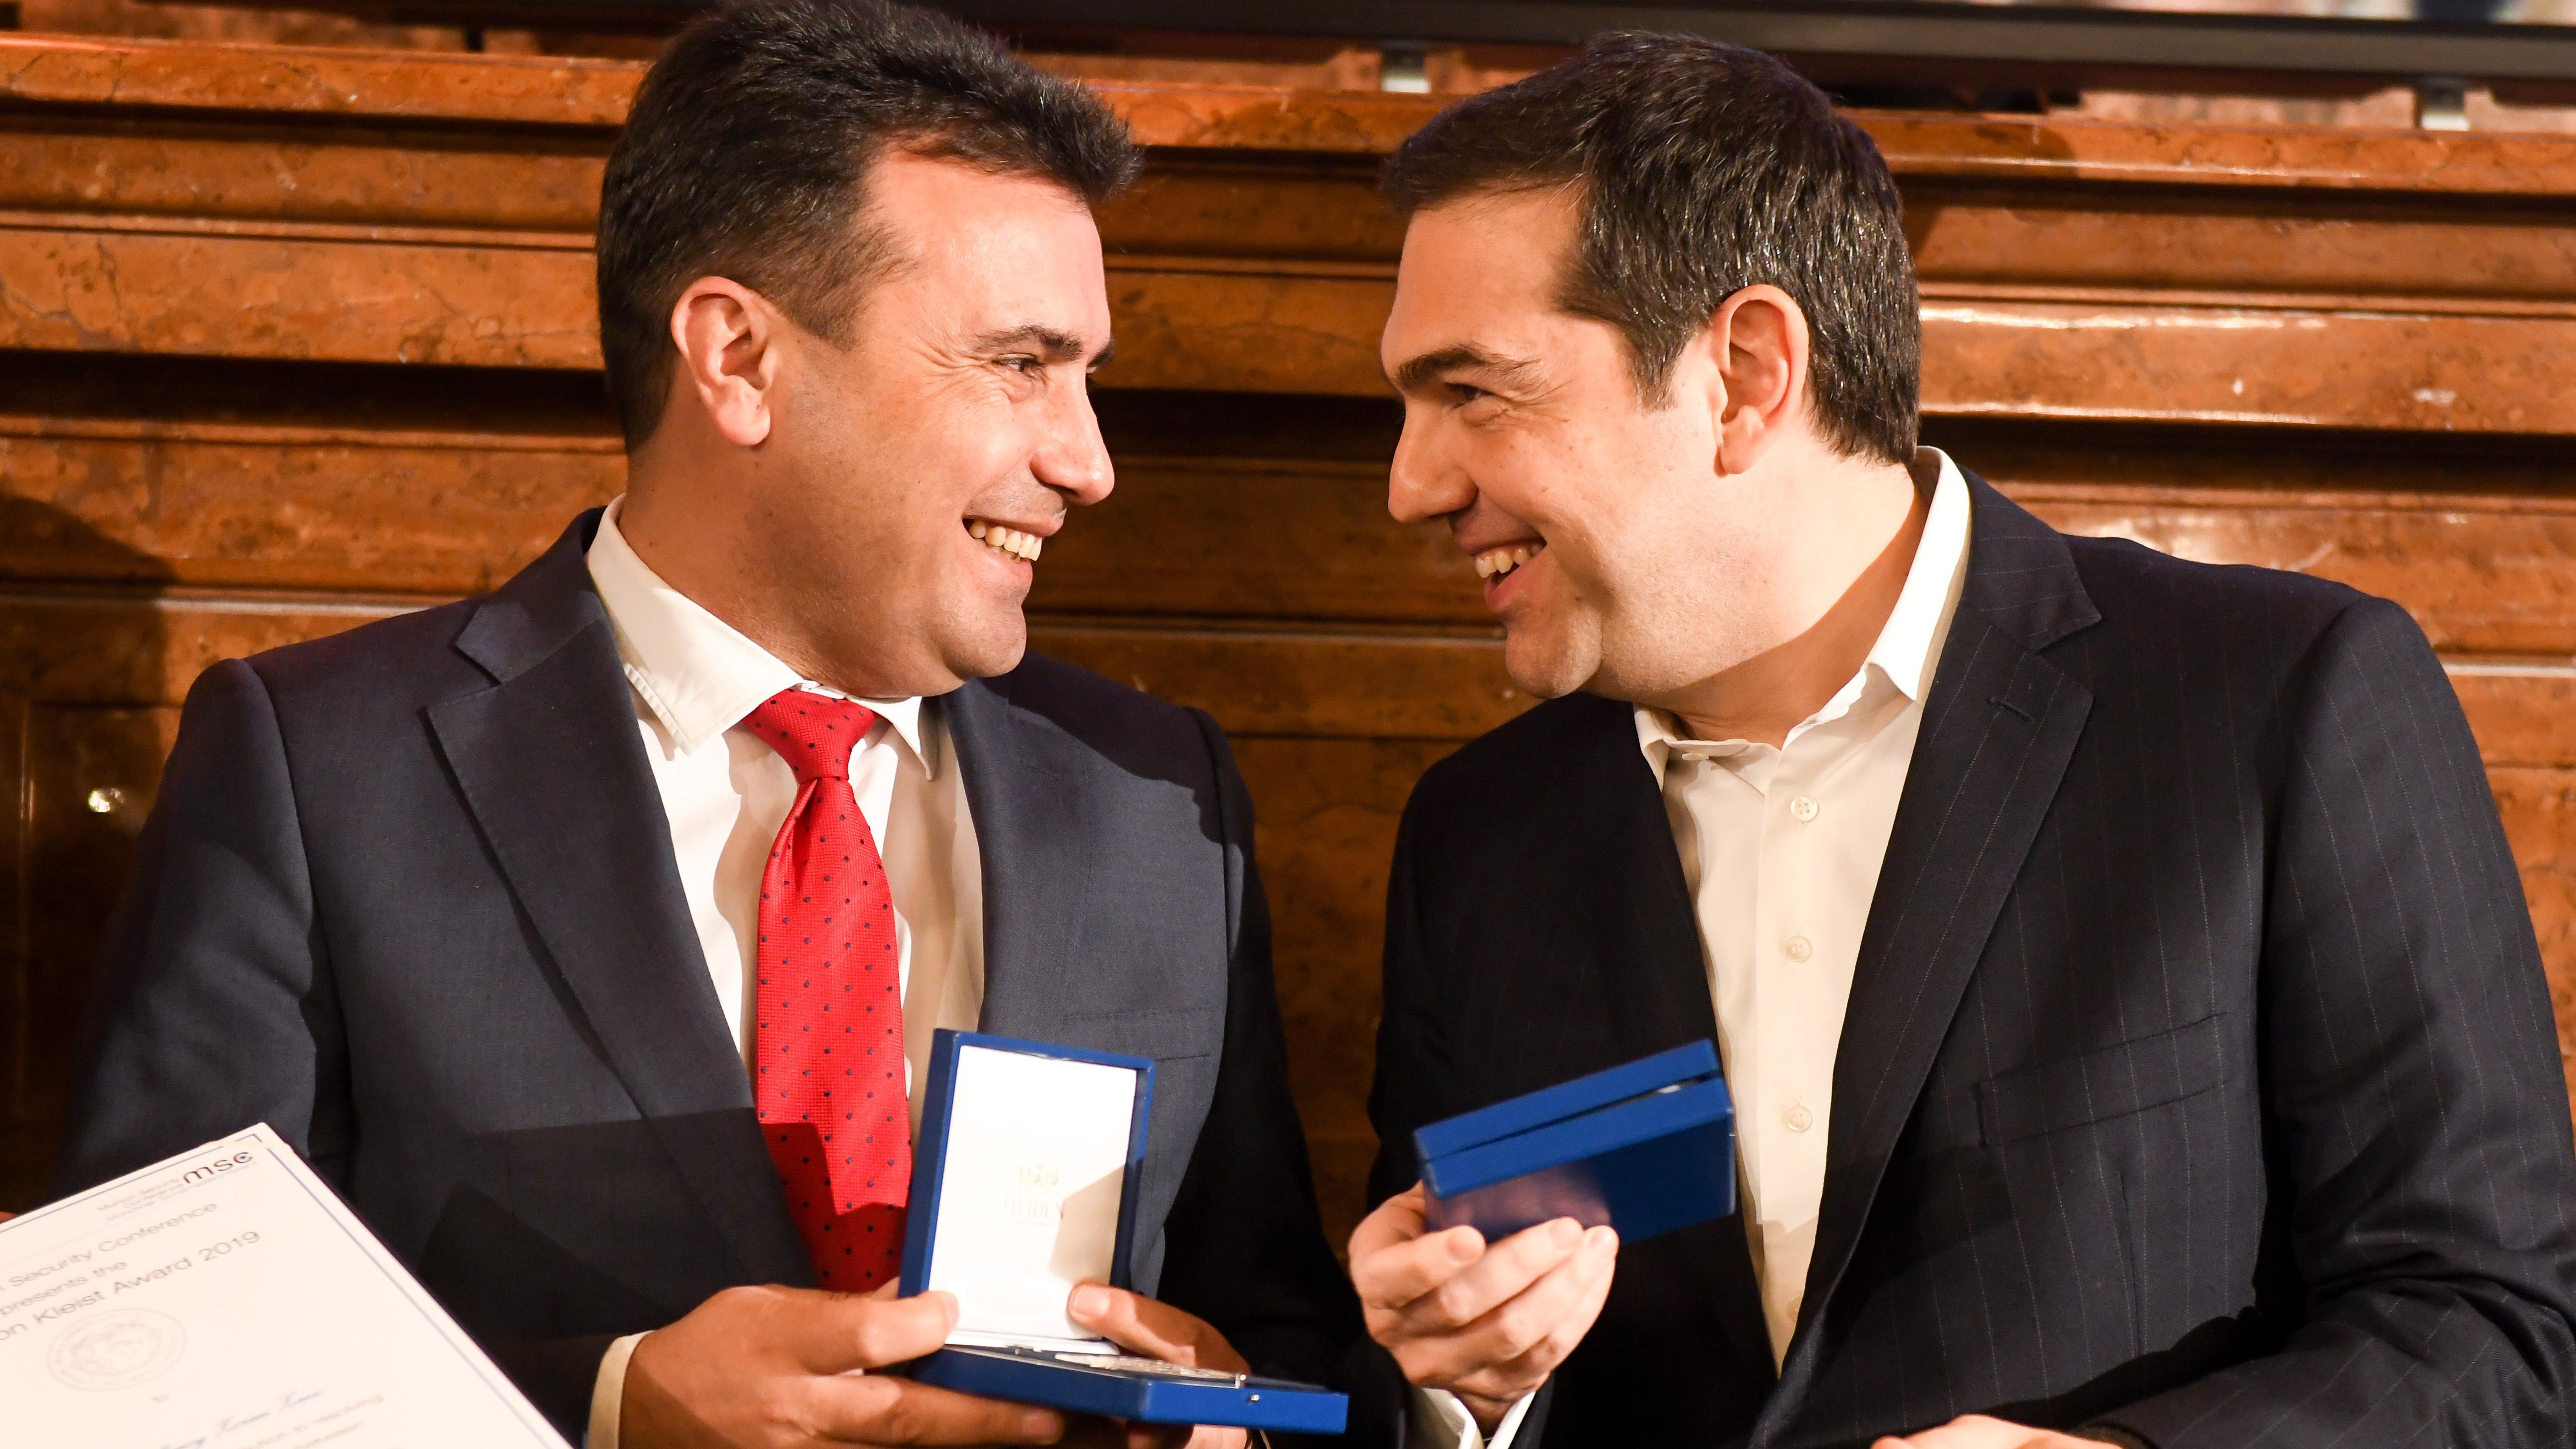 :Alexis Tsipras (r), griechische Premierminister und Zoran Zaev, Premierminister Nordmazedoniens, lachen bei der Verleihung des Ewald-von-Kleist-Preises im Rahmen eines Abendempfangs in der Residenz anlässlich der 55. Münchner Sicherheitskonferenz und halten ihre Auszeichnungen in den Händen.